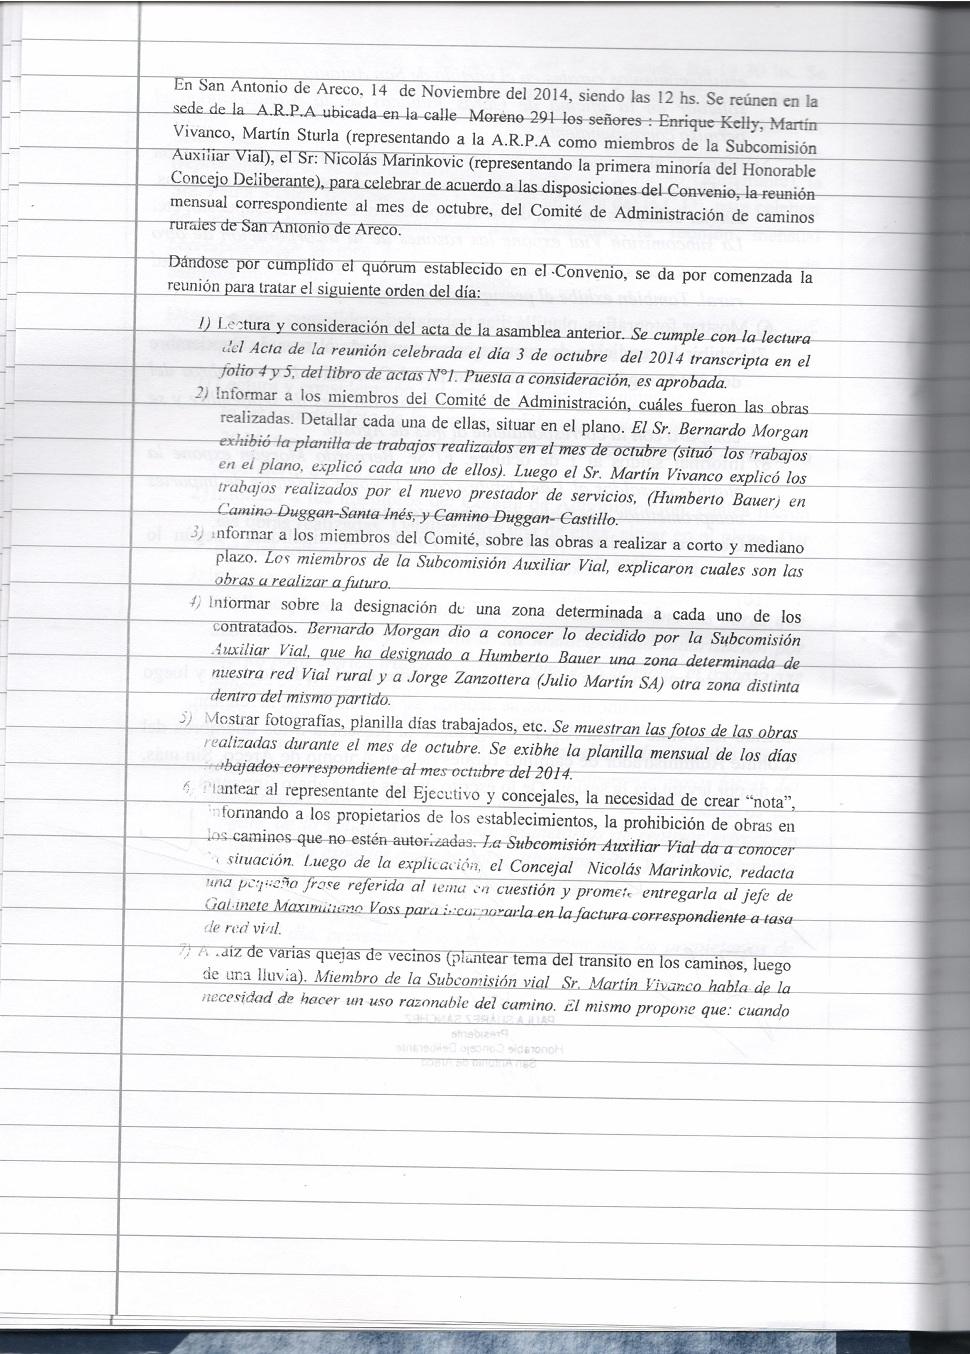 acta14Nov1.jpg